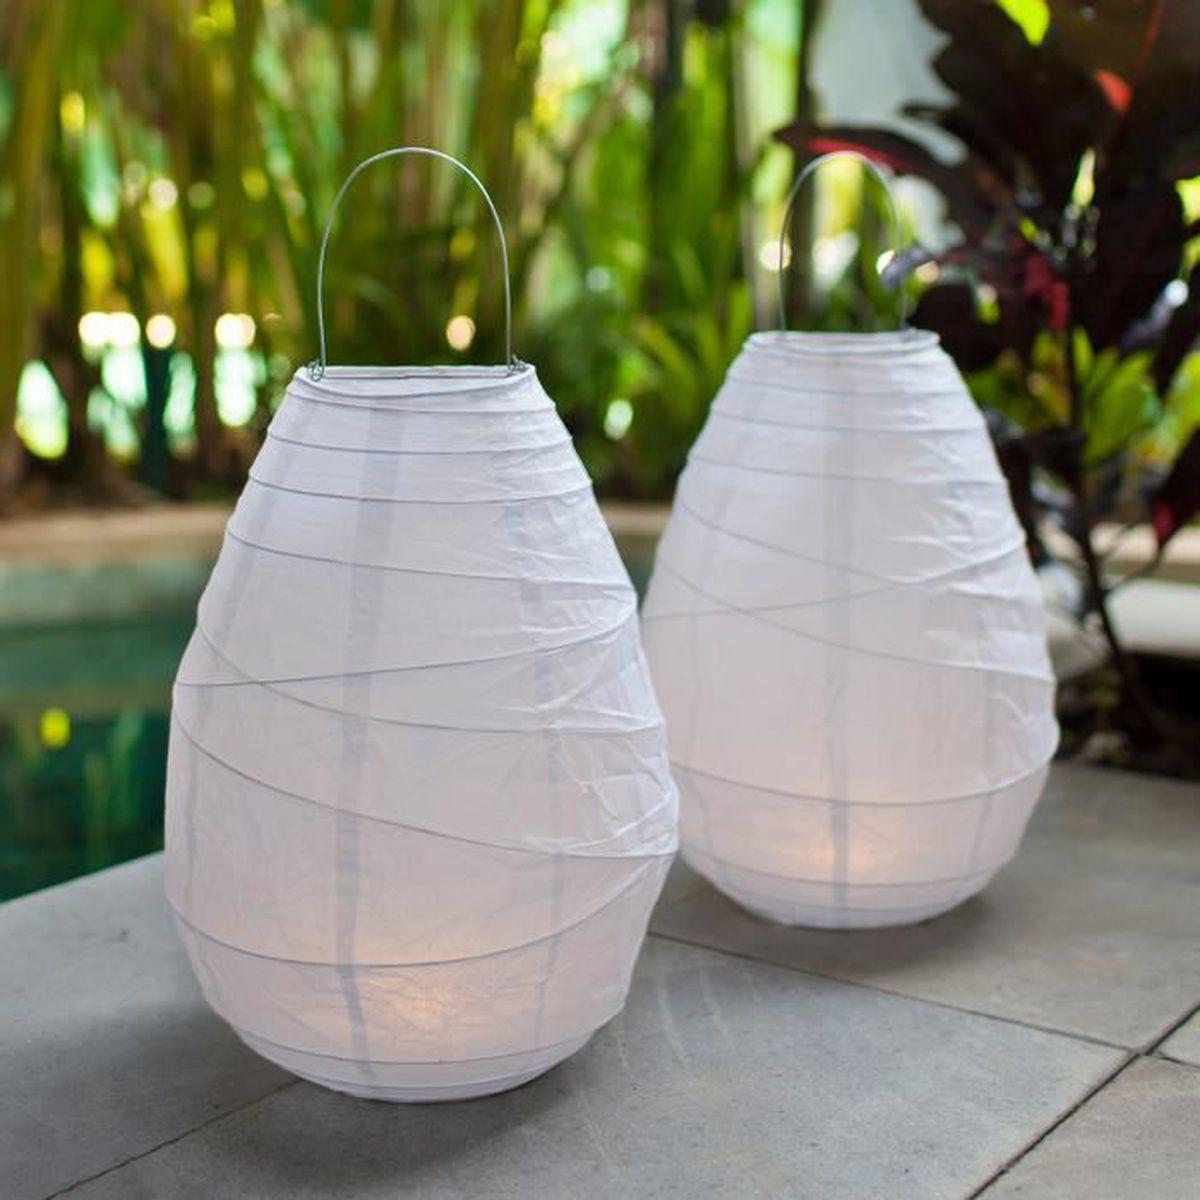 lot de 2 lampions en papier blanc avec led blanc chaud piles achat vente lampion 2. Black Bedroom Furniture Sets. Home Design Ideas